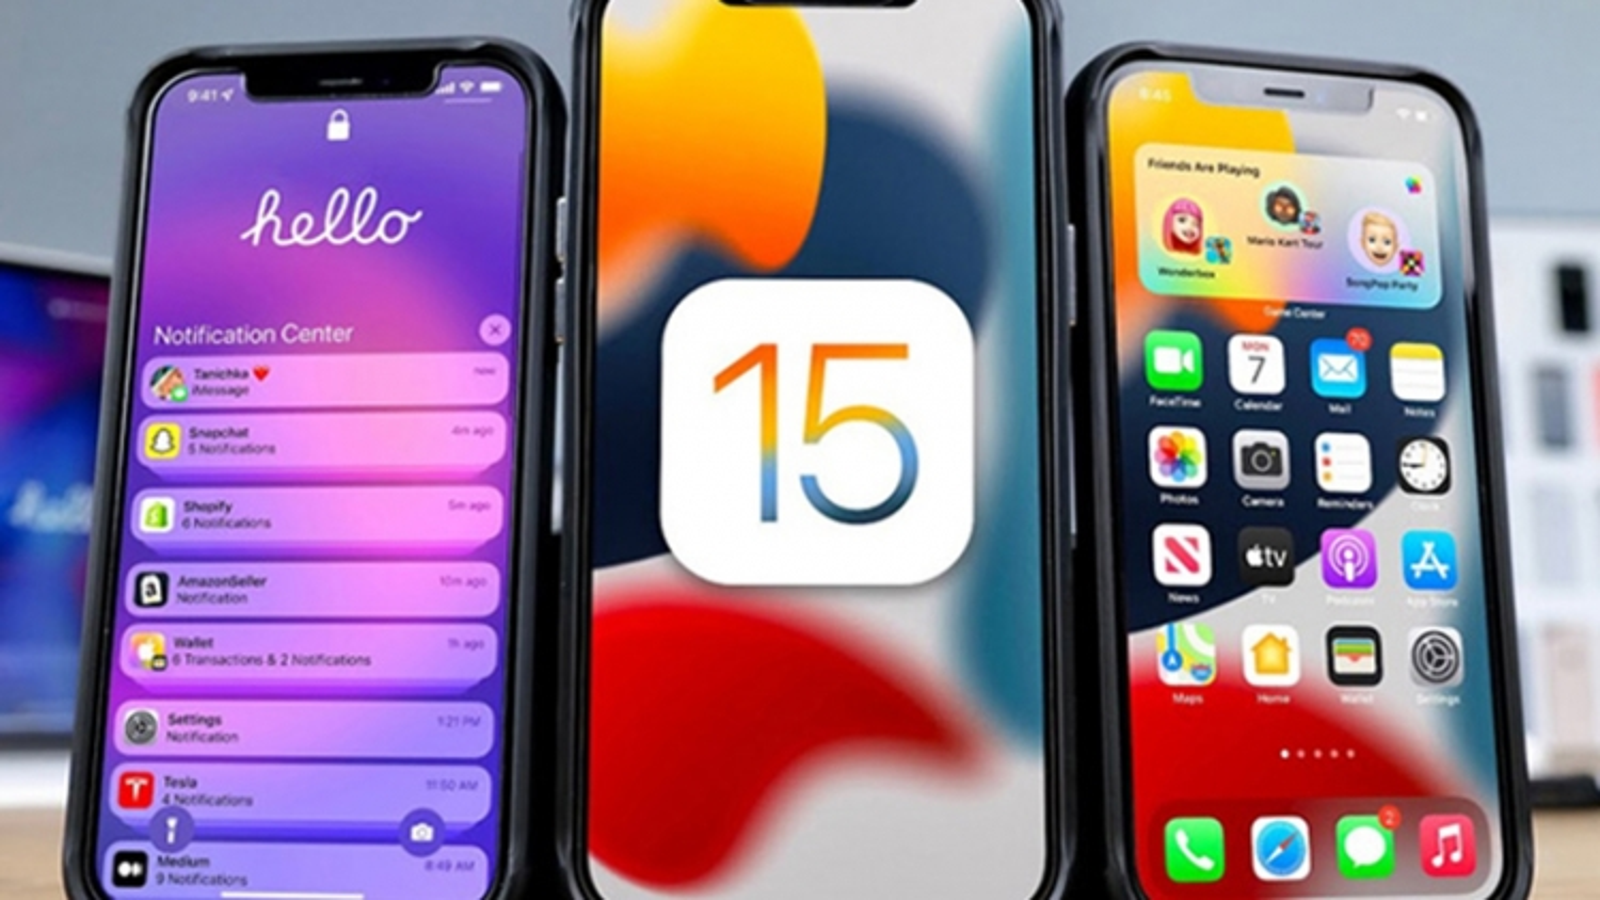 iOS 15 sẽ chính thức được phát hành vào 0 giờ đêm 21/9